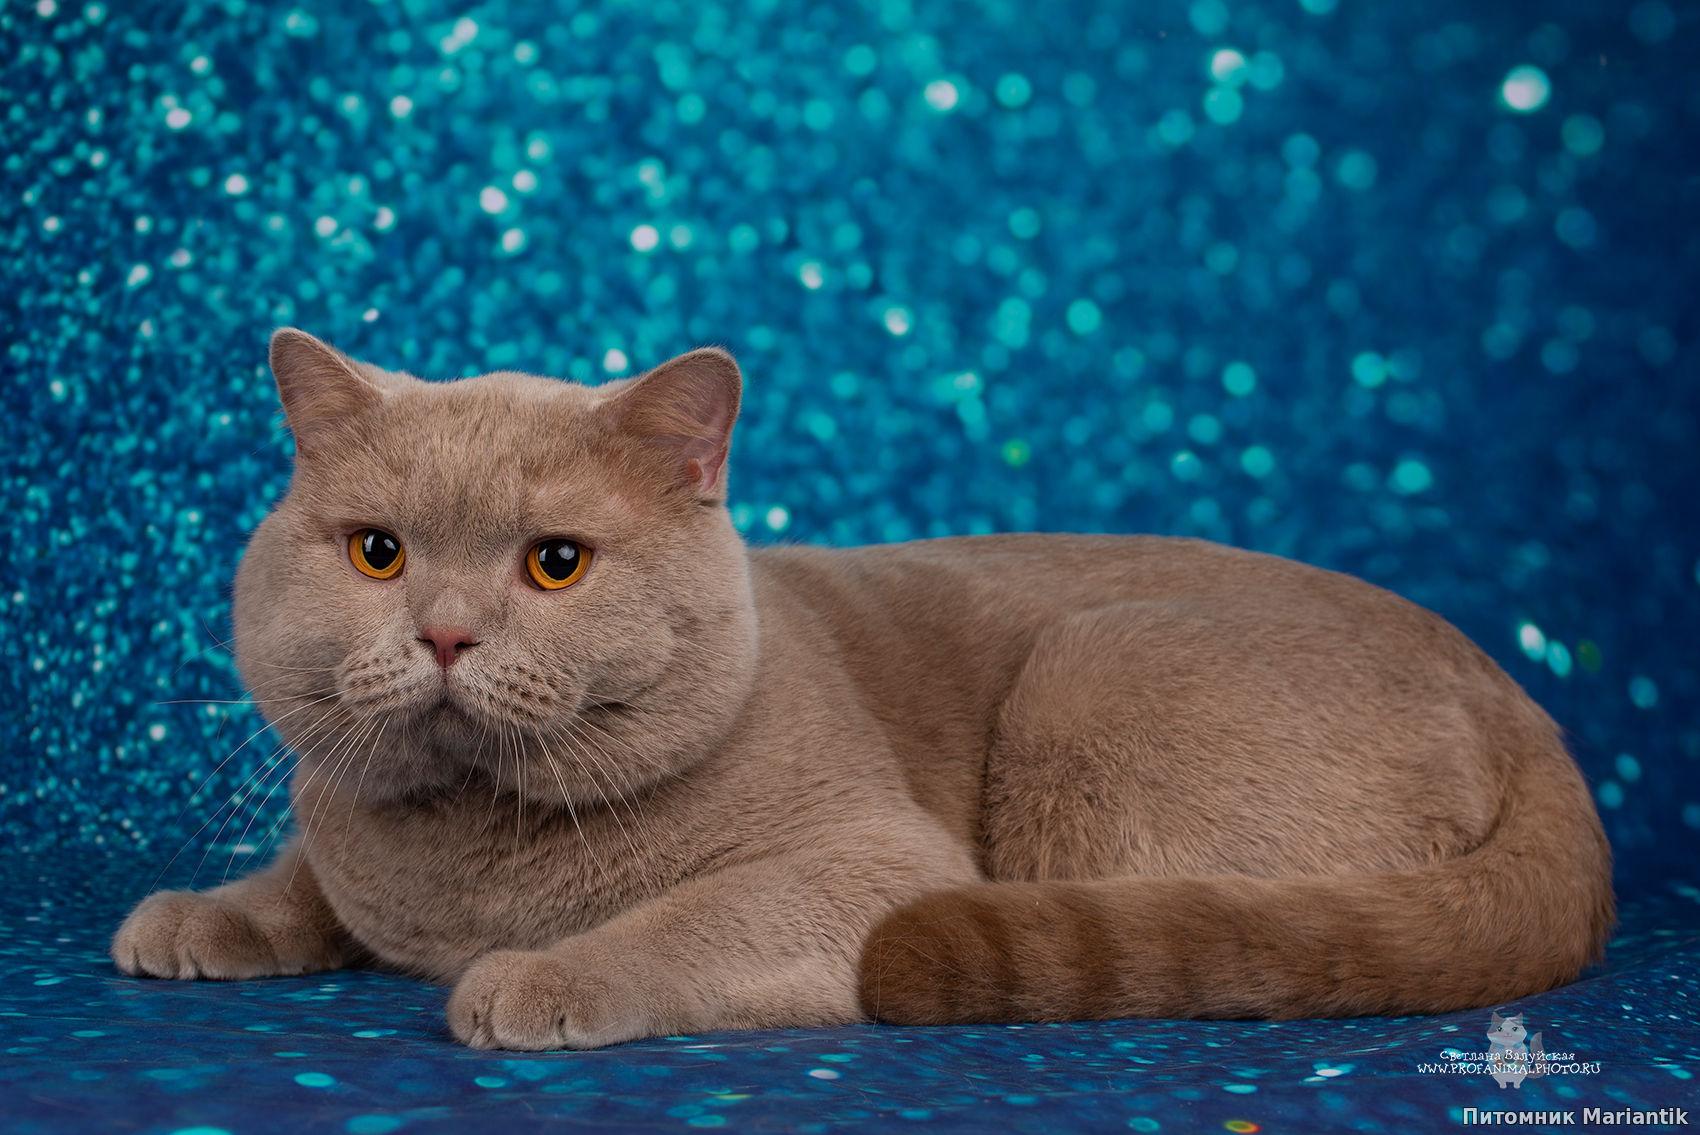 британский короткошерстный кот окраса фавн питомник Mariantik